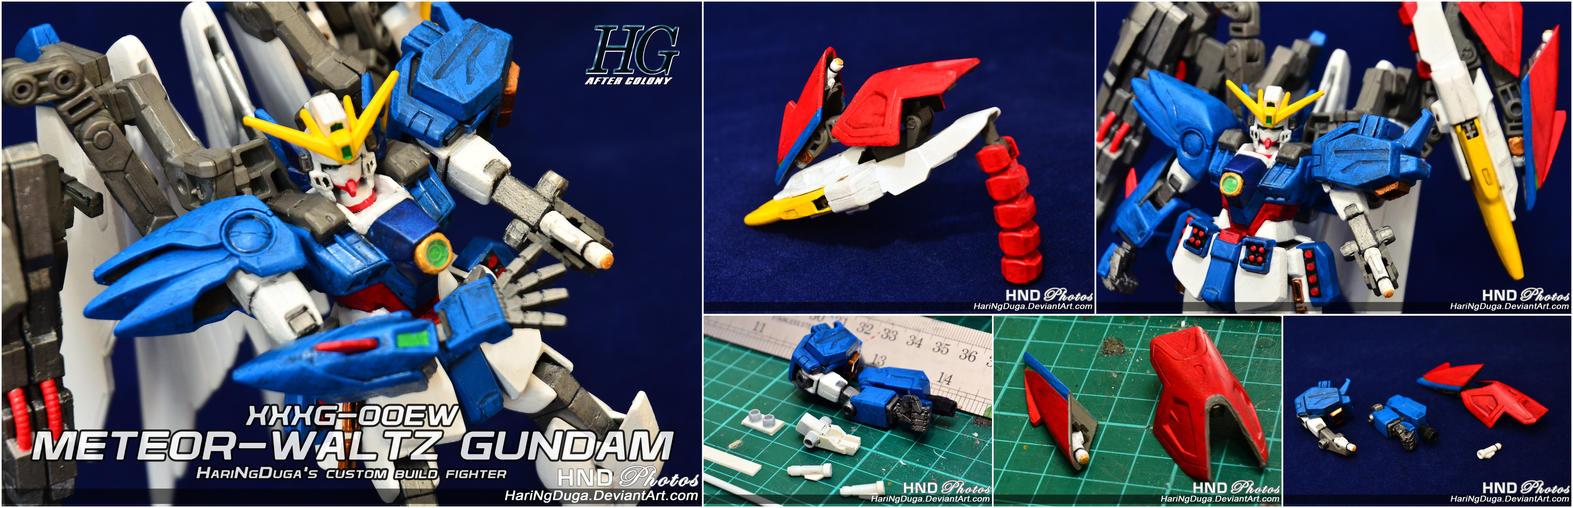 XXXG-00EW METEOR-WALTZ Gundam - Extra Detail by HariNgDuga